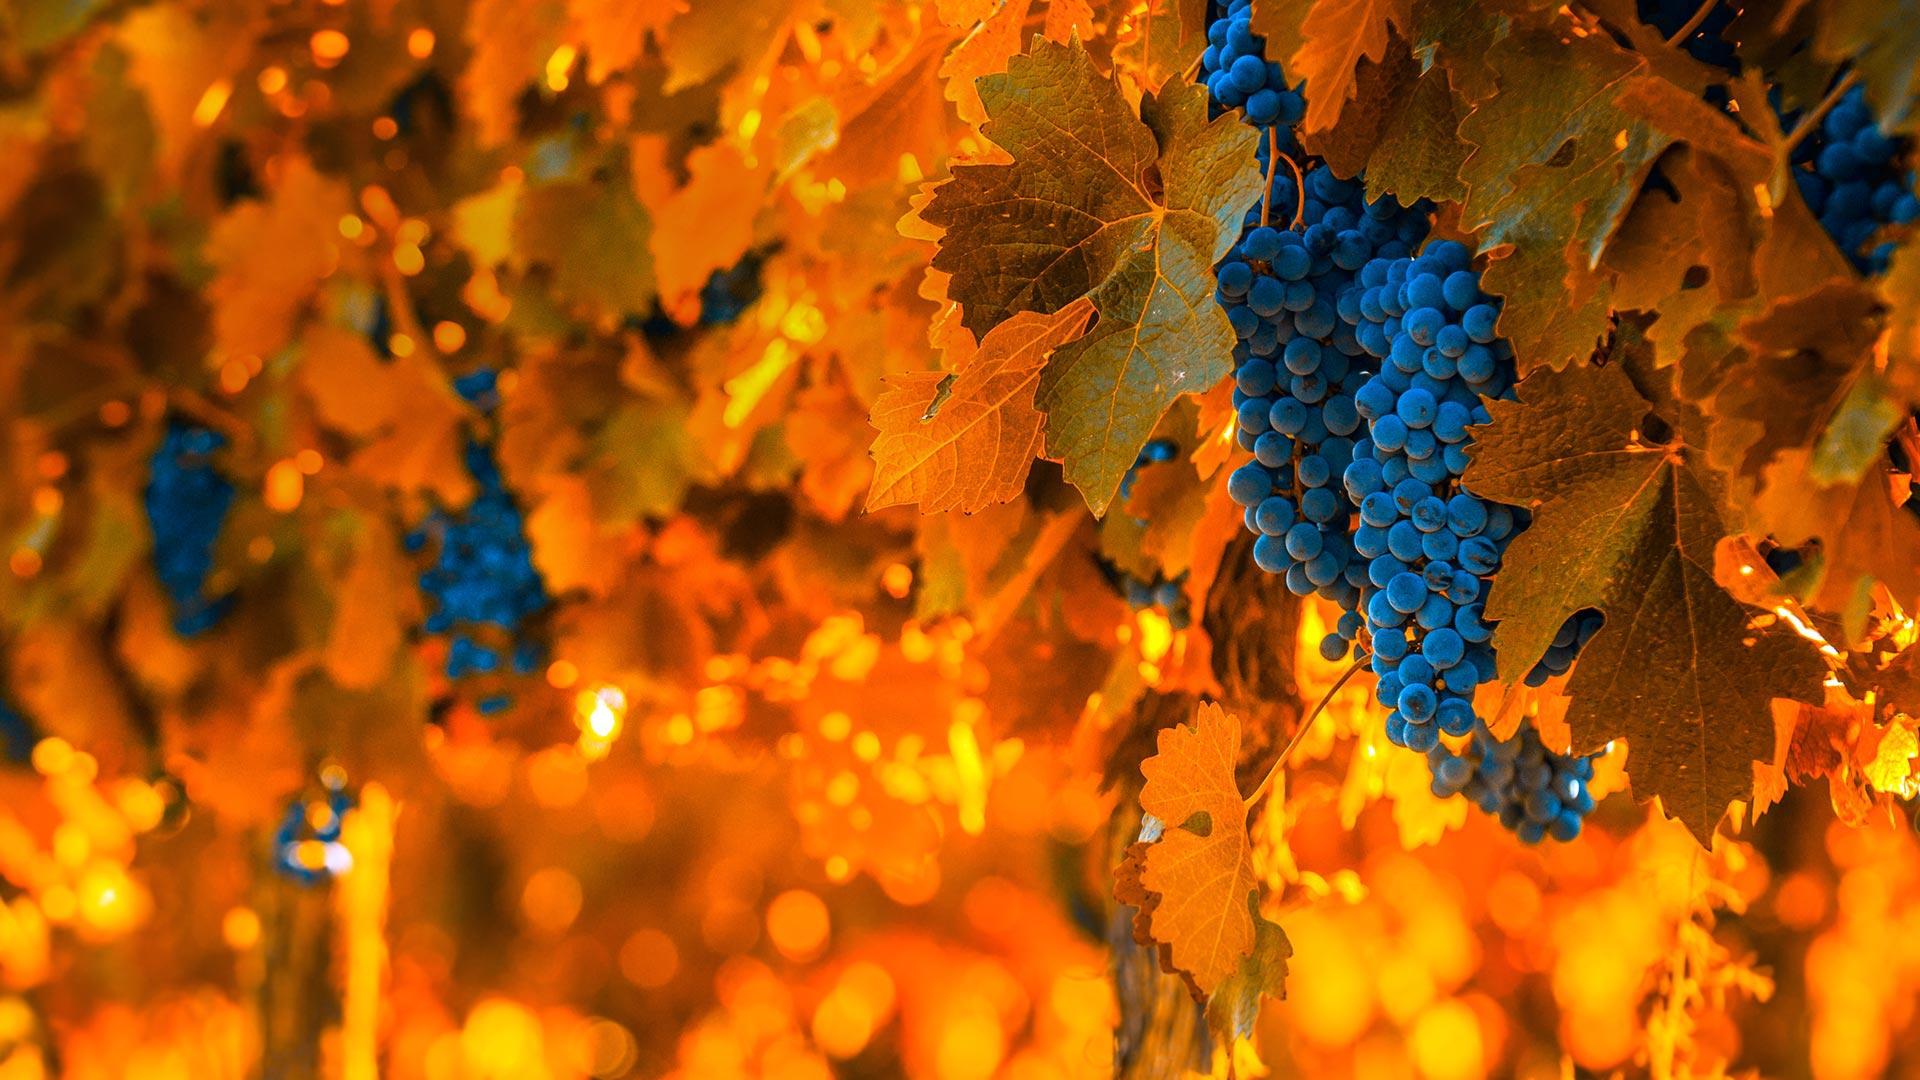 「ワイン用のぶどう」アルゼンチン, メンドーサ (© javarman3/iStock/Getty Images Plus)